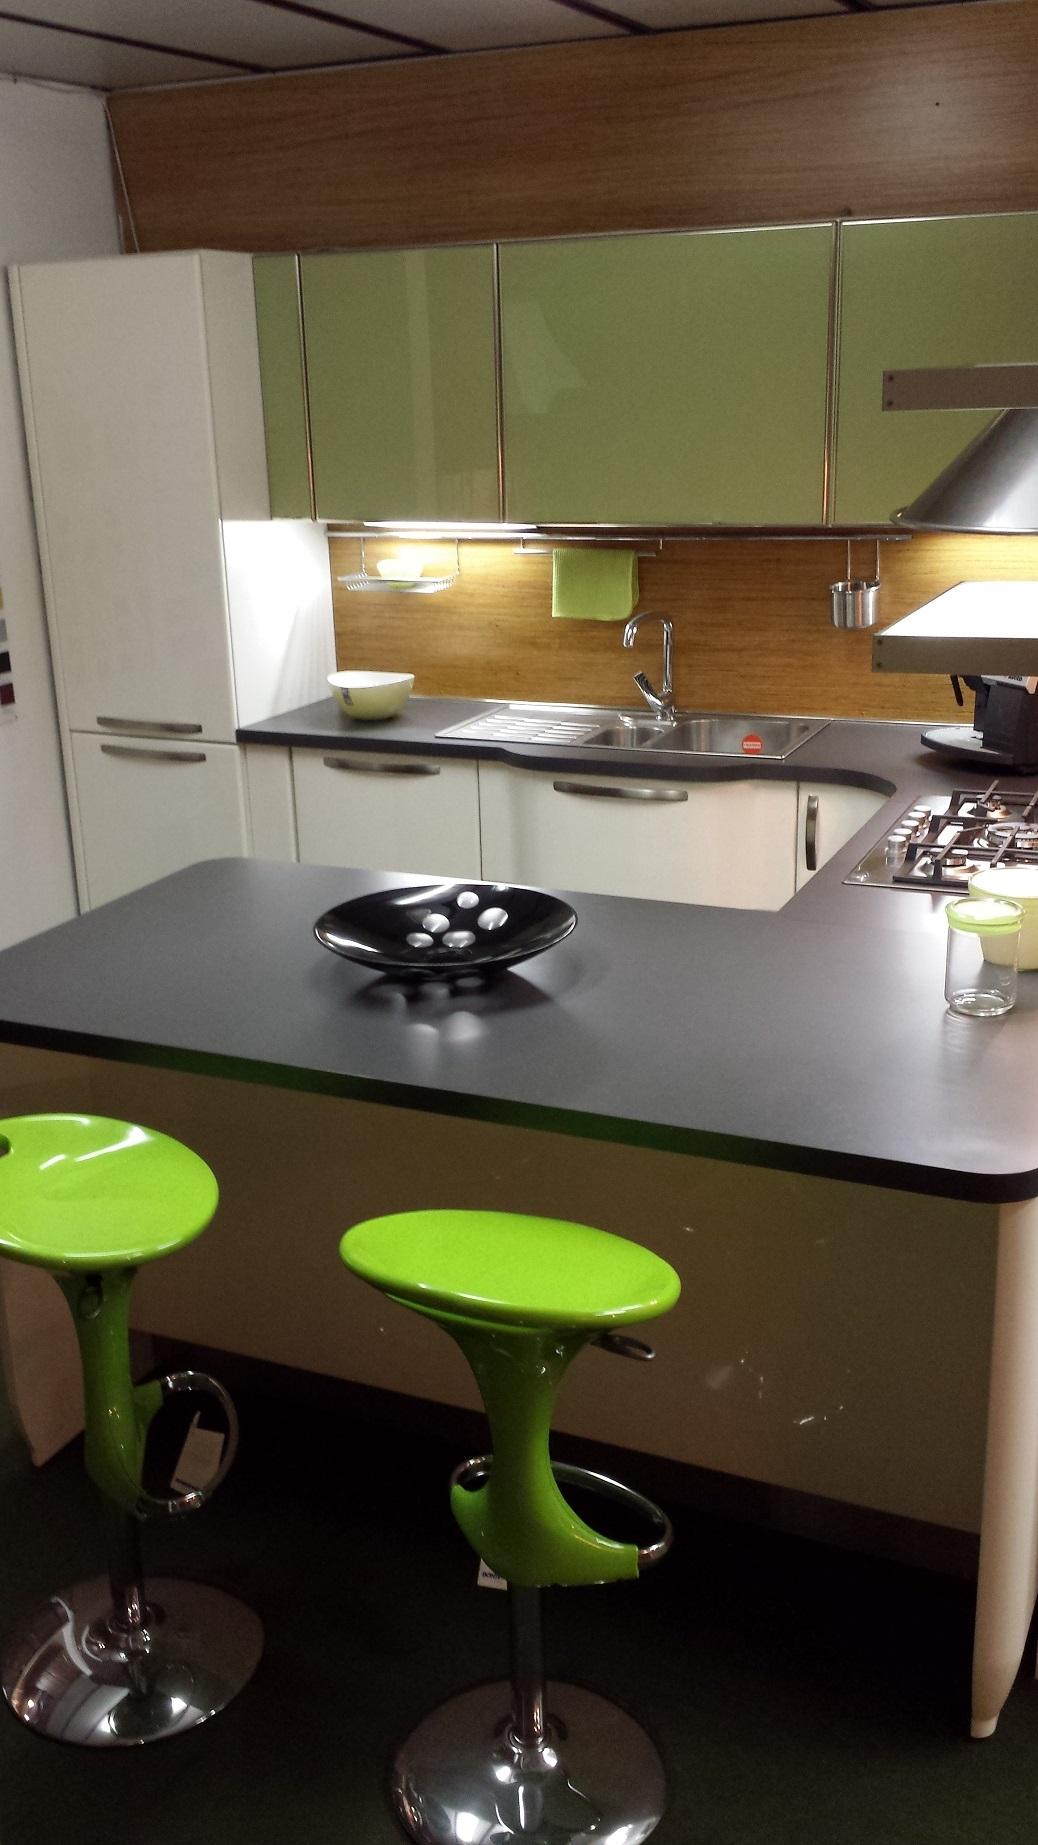 Cucina Lube Modello Katia Prezzo : Cucine lube katia prezzo idee per il design della casa